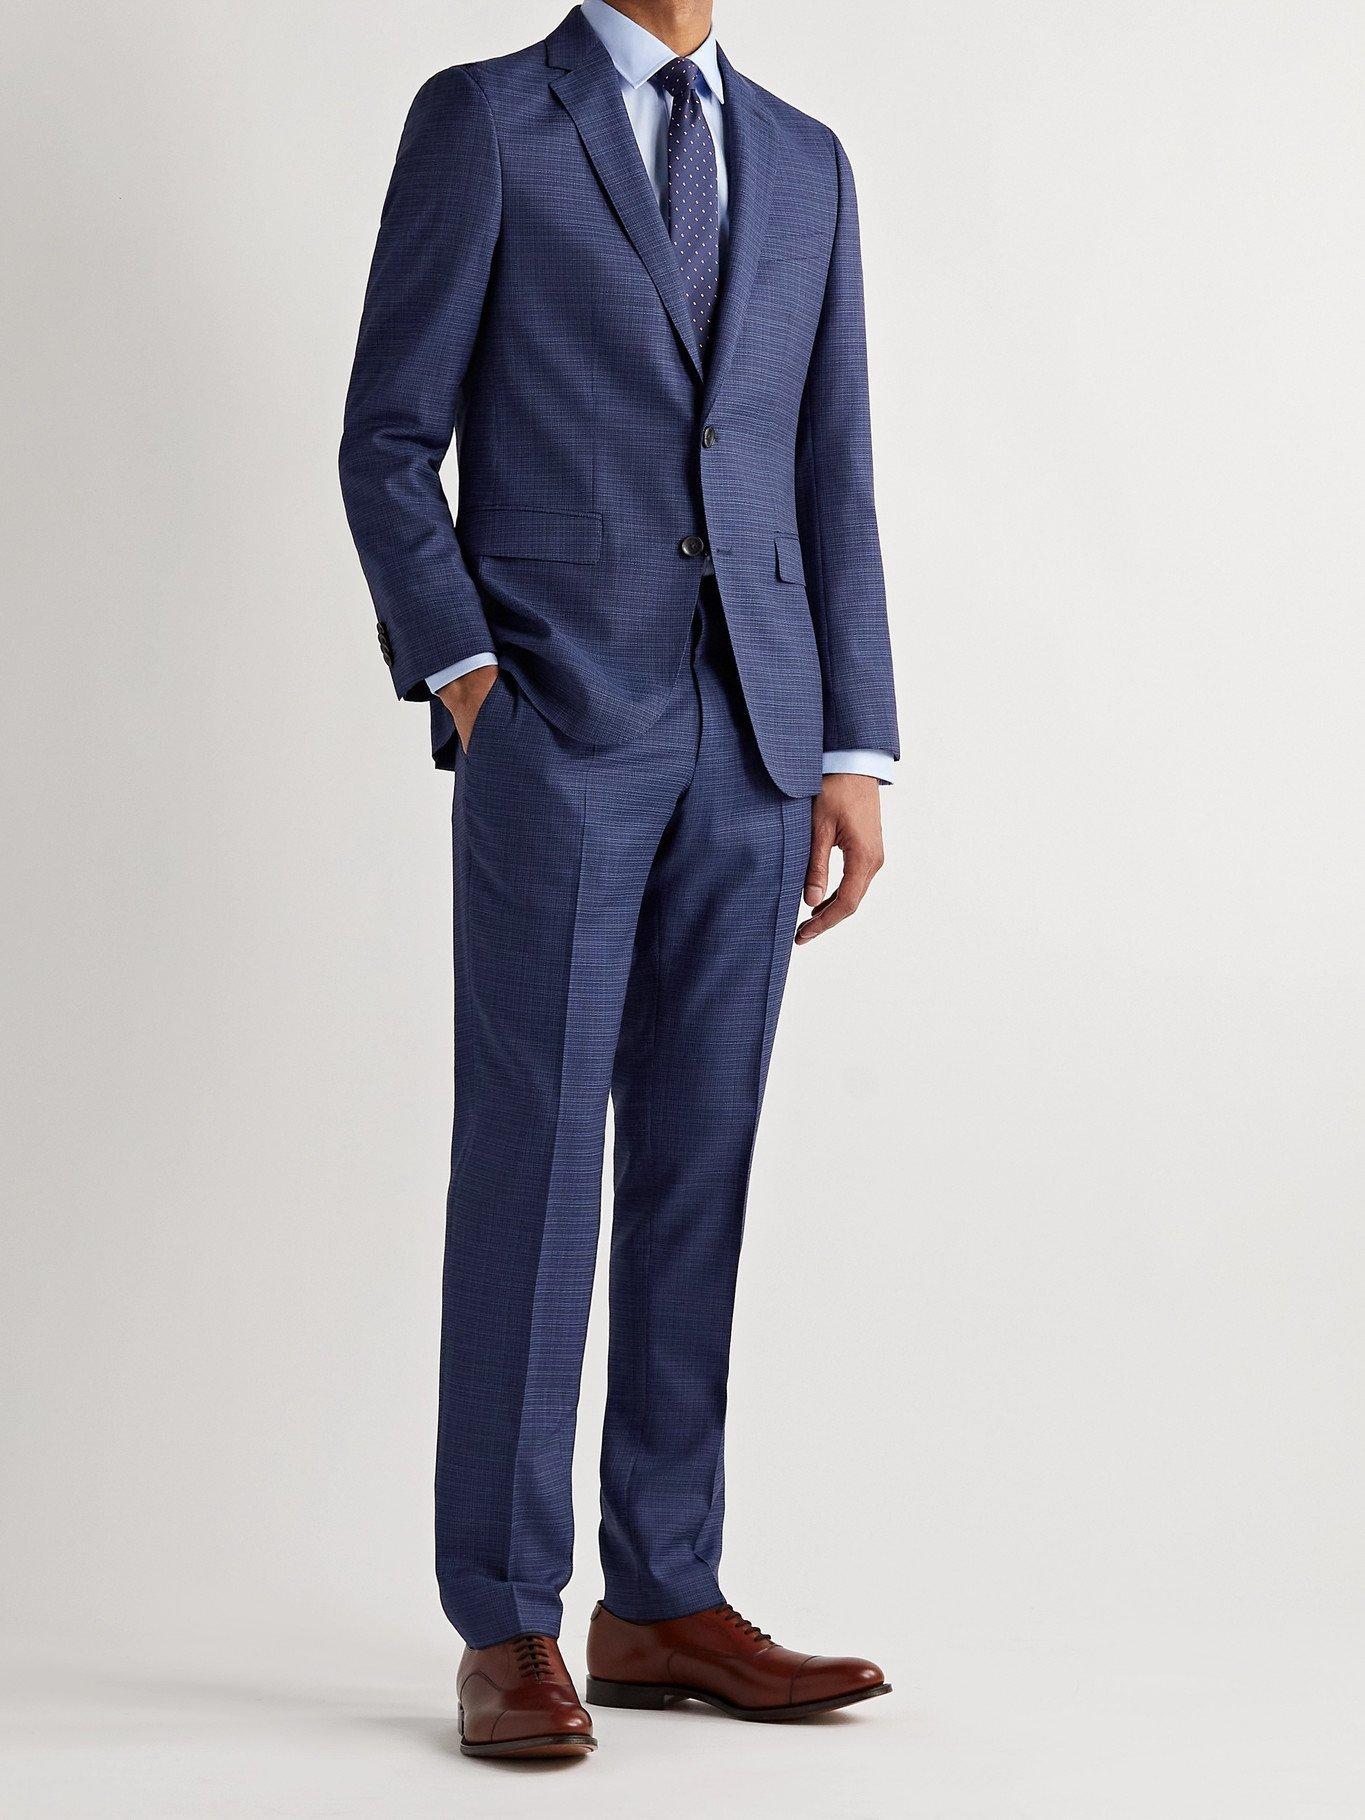 HUGO BOSS - Ben2 Slim-Fit Virgin Wool Suit Trousers - Blue